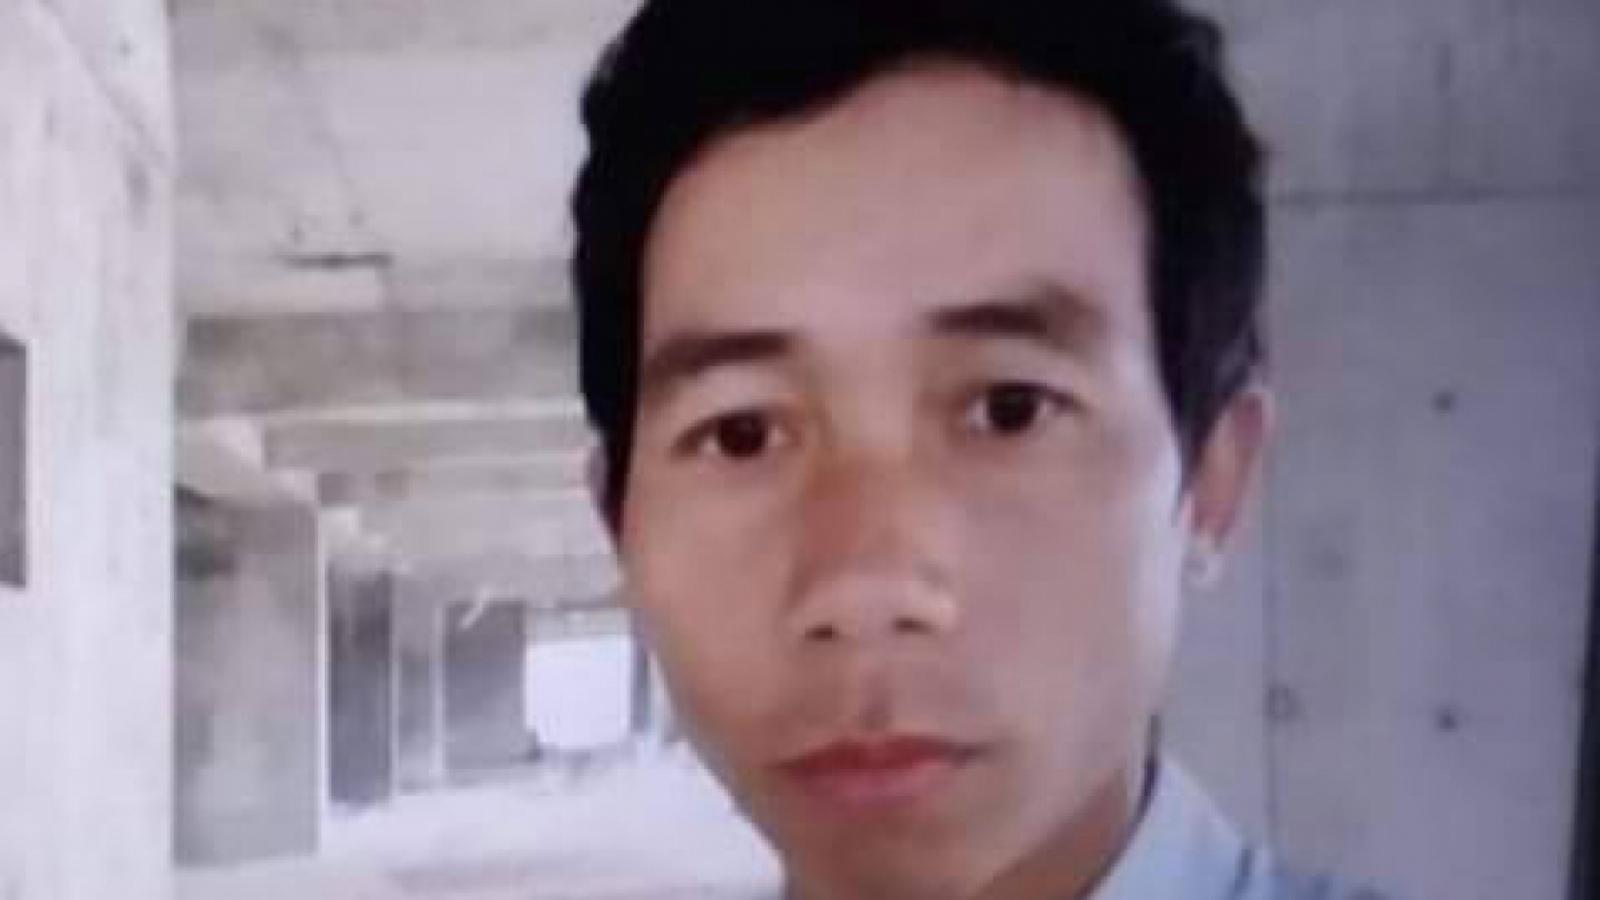 Nóng 24h: Hơn 100 cảnh sát vây bắt nghi phạm sát hại vợ trong đêm ở Sơn La